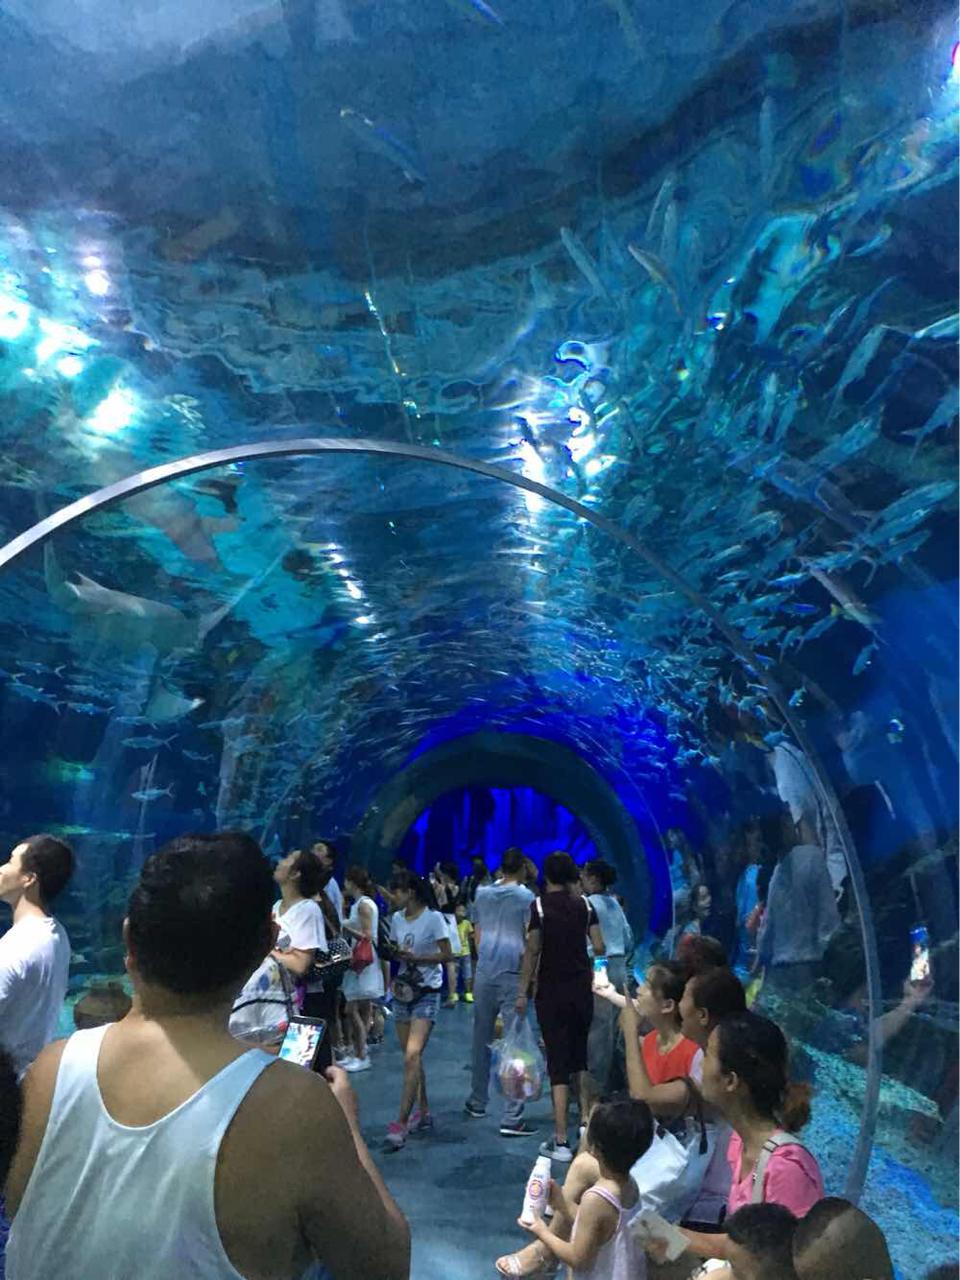 武汉市海洋公园_武汉极地海洋世界地址-武汉极地海洋世界地址